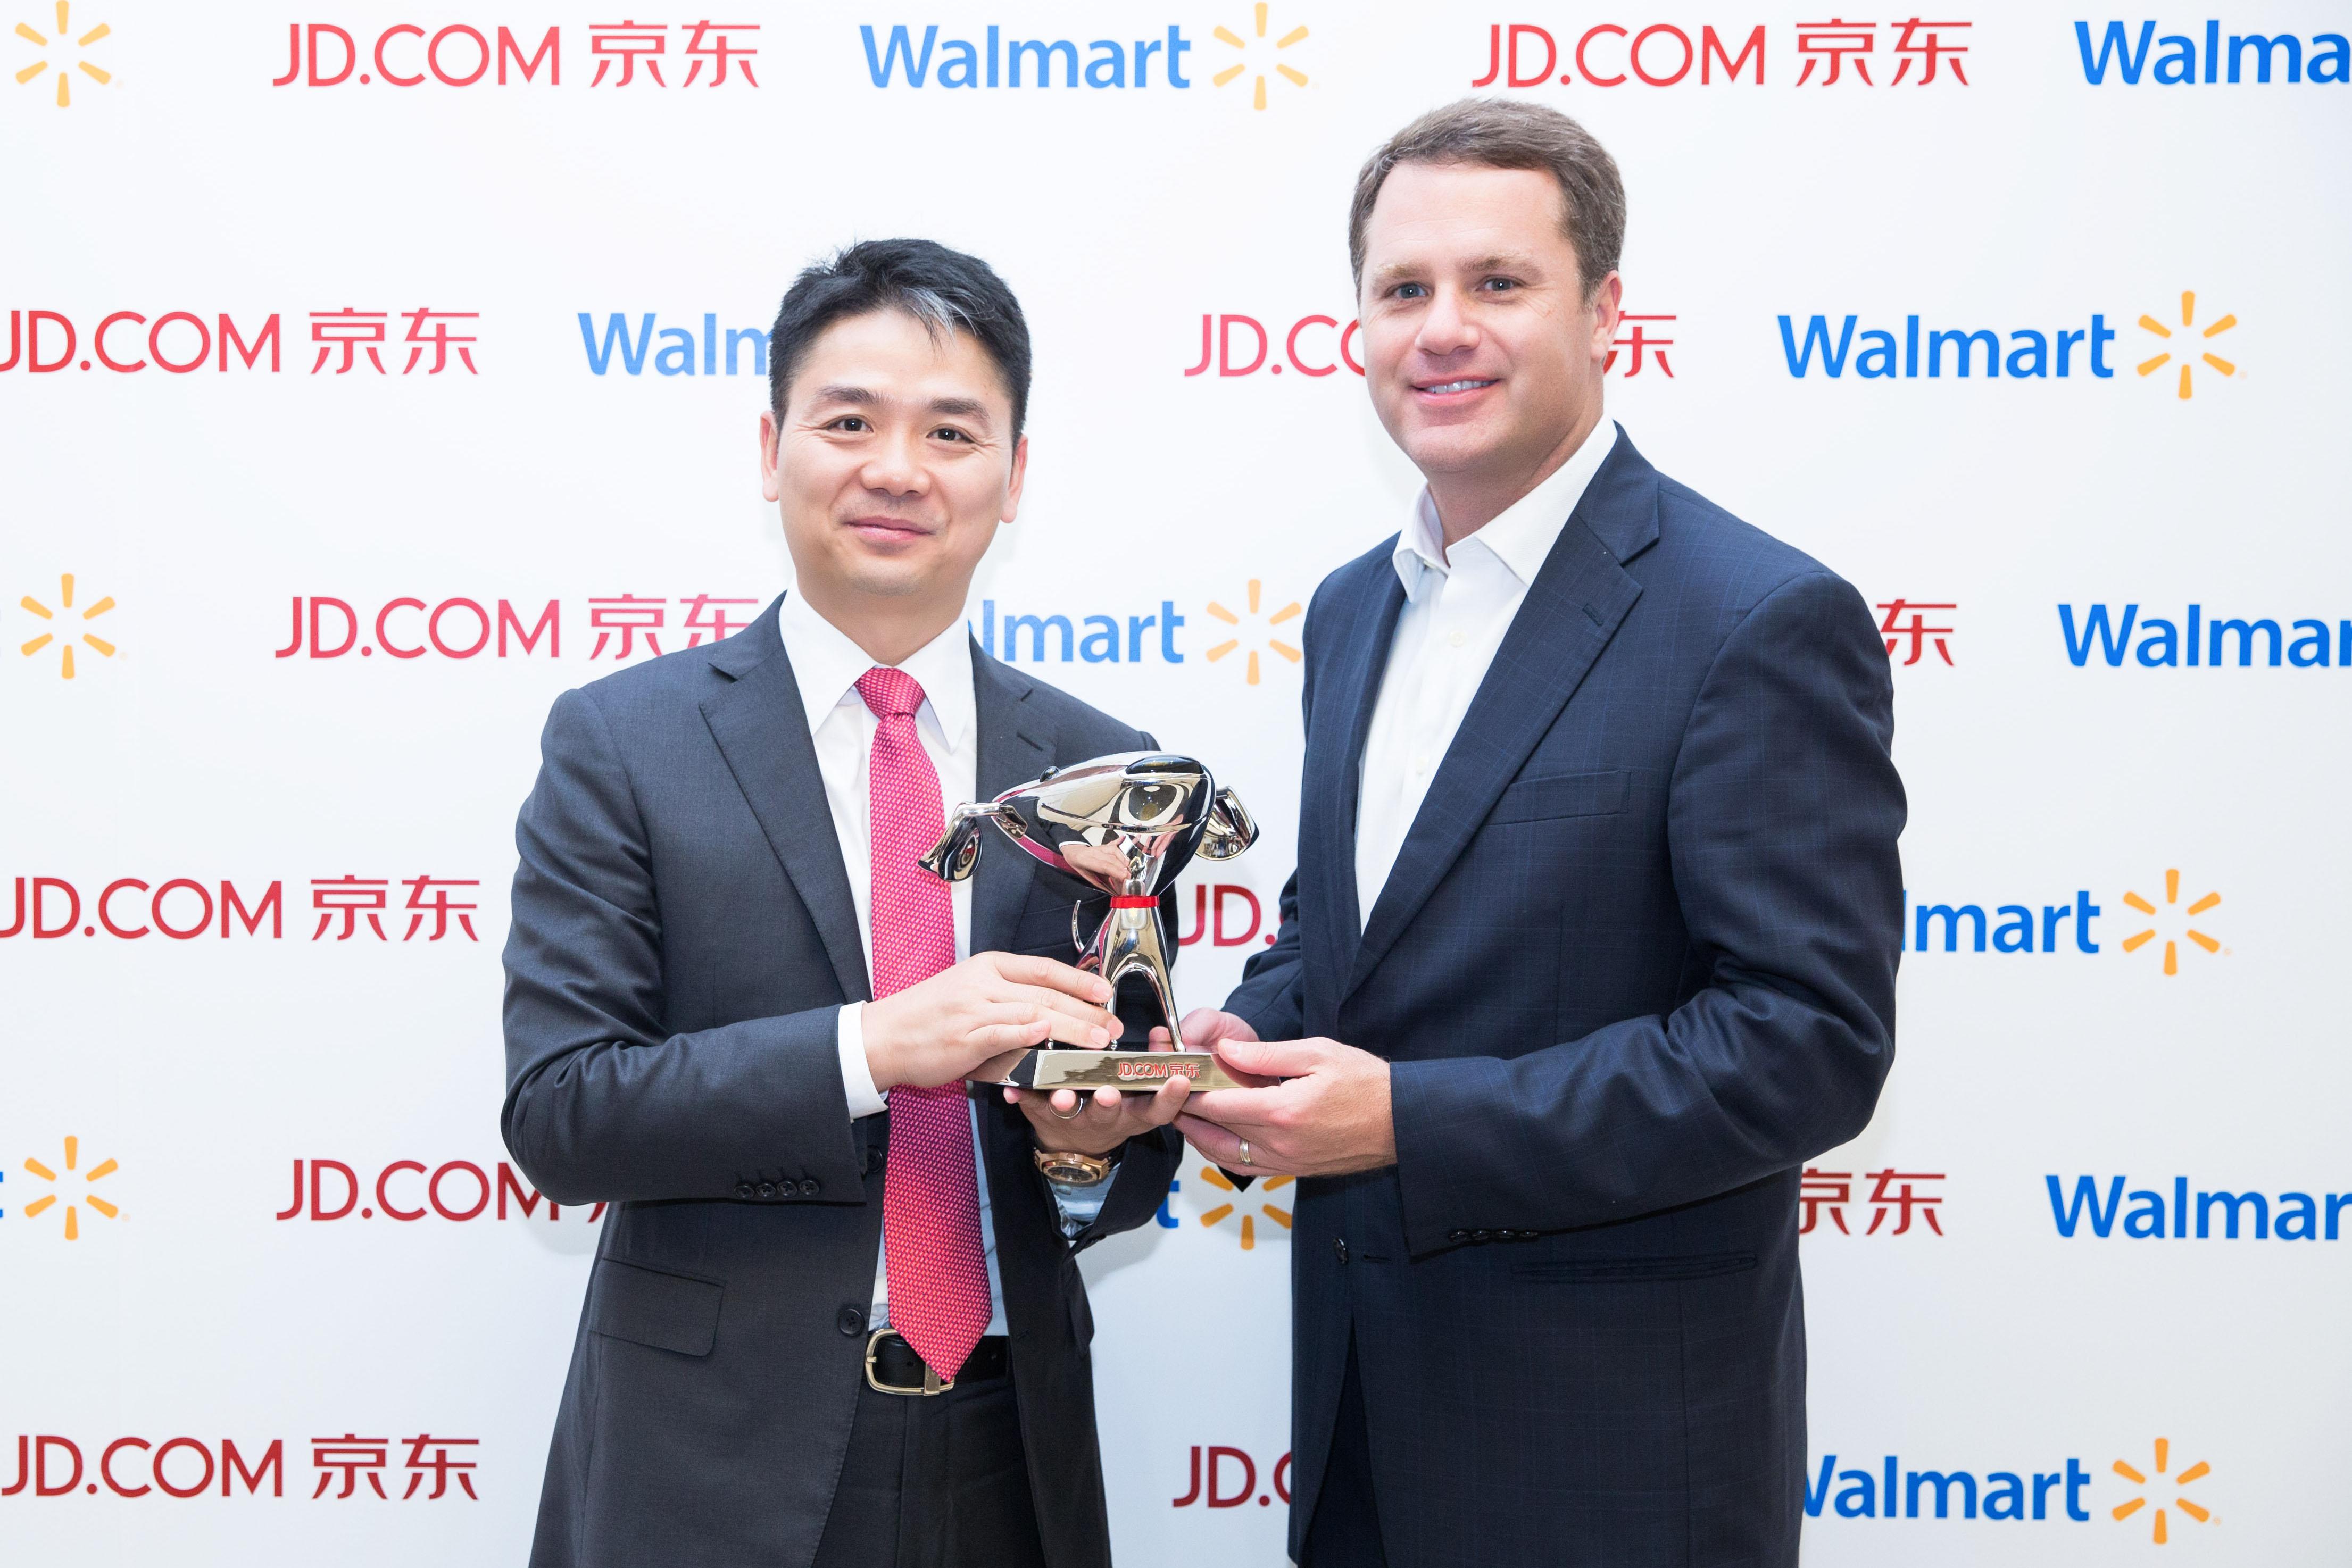 JD CEO Richard Liu and Walmart CEO Doug McMillon.